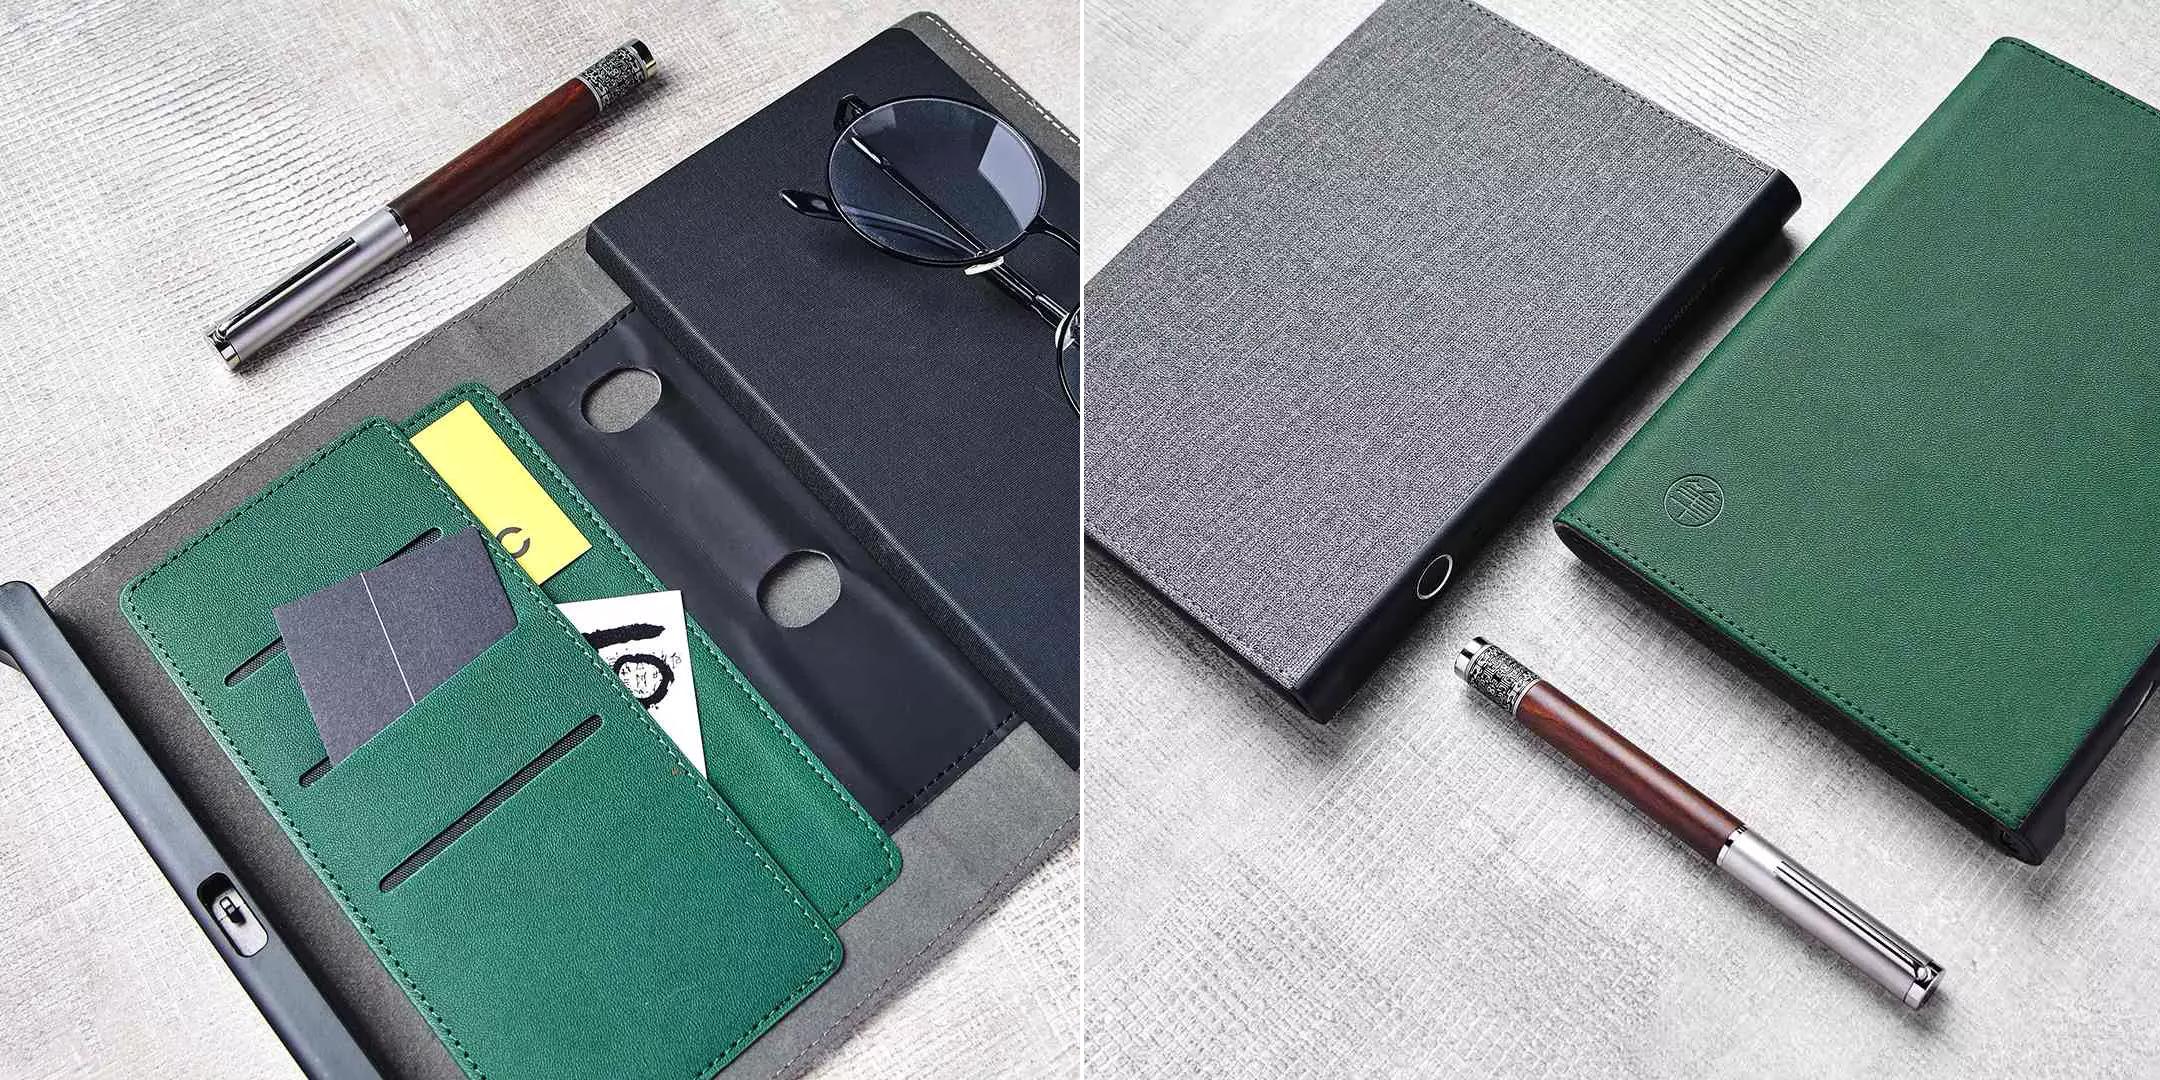 Lockbook Pro